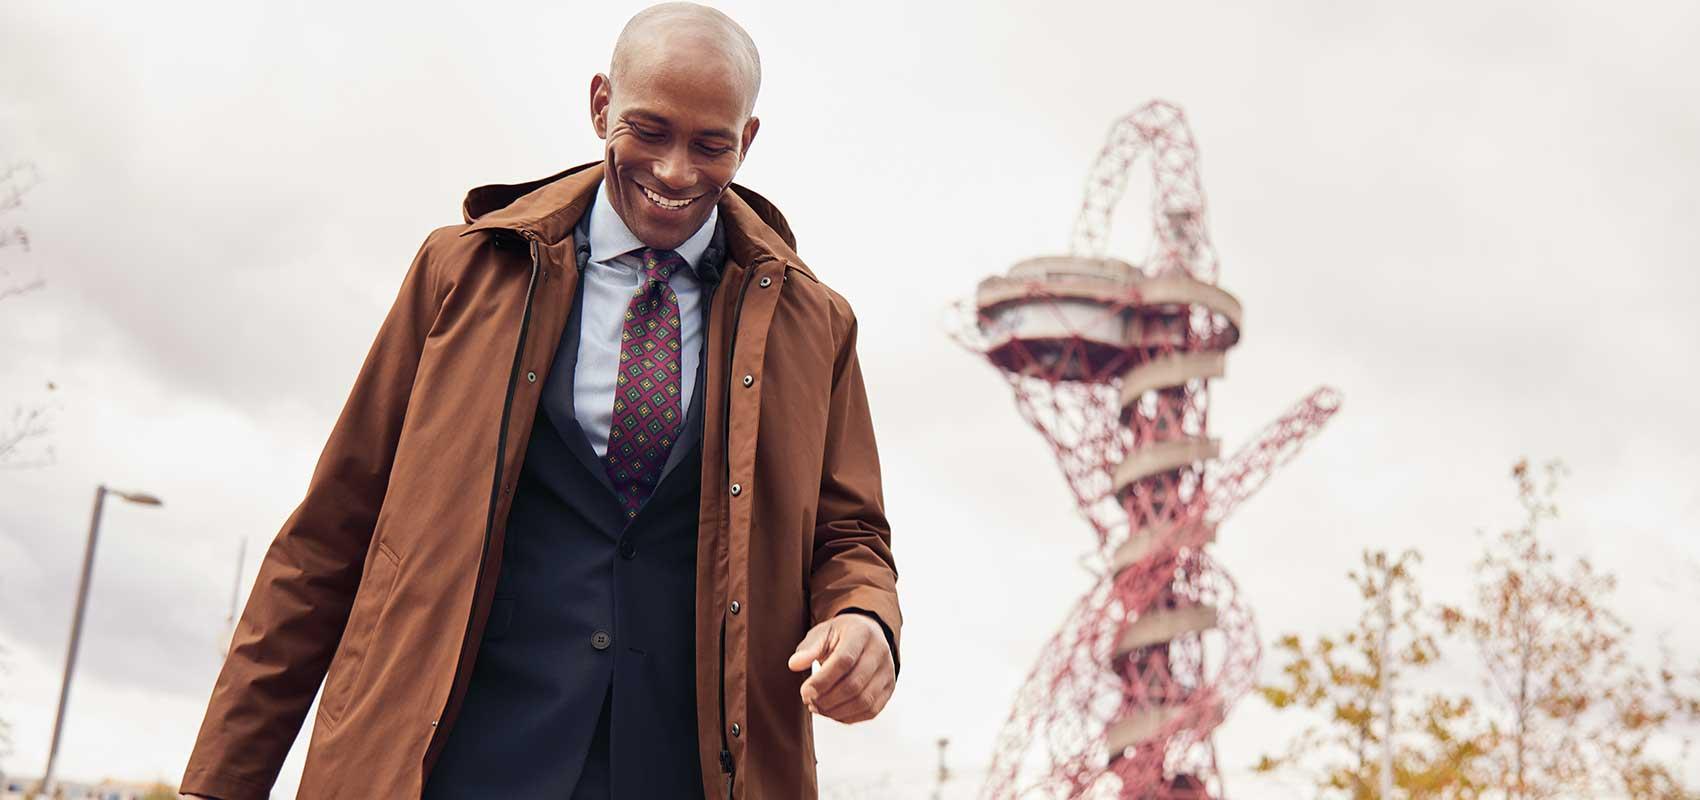 Charles Tyrwhitt Jackets and Coats